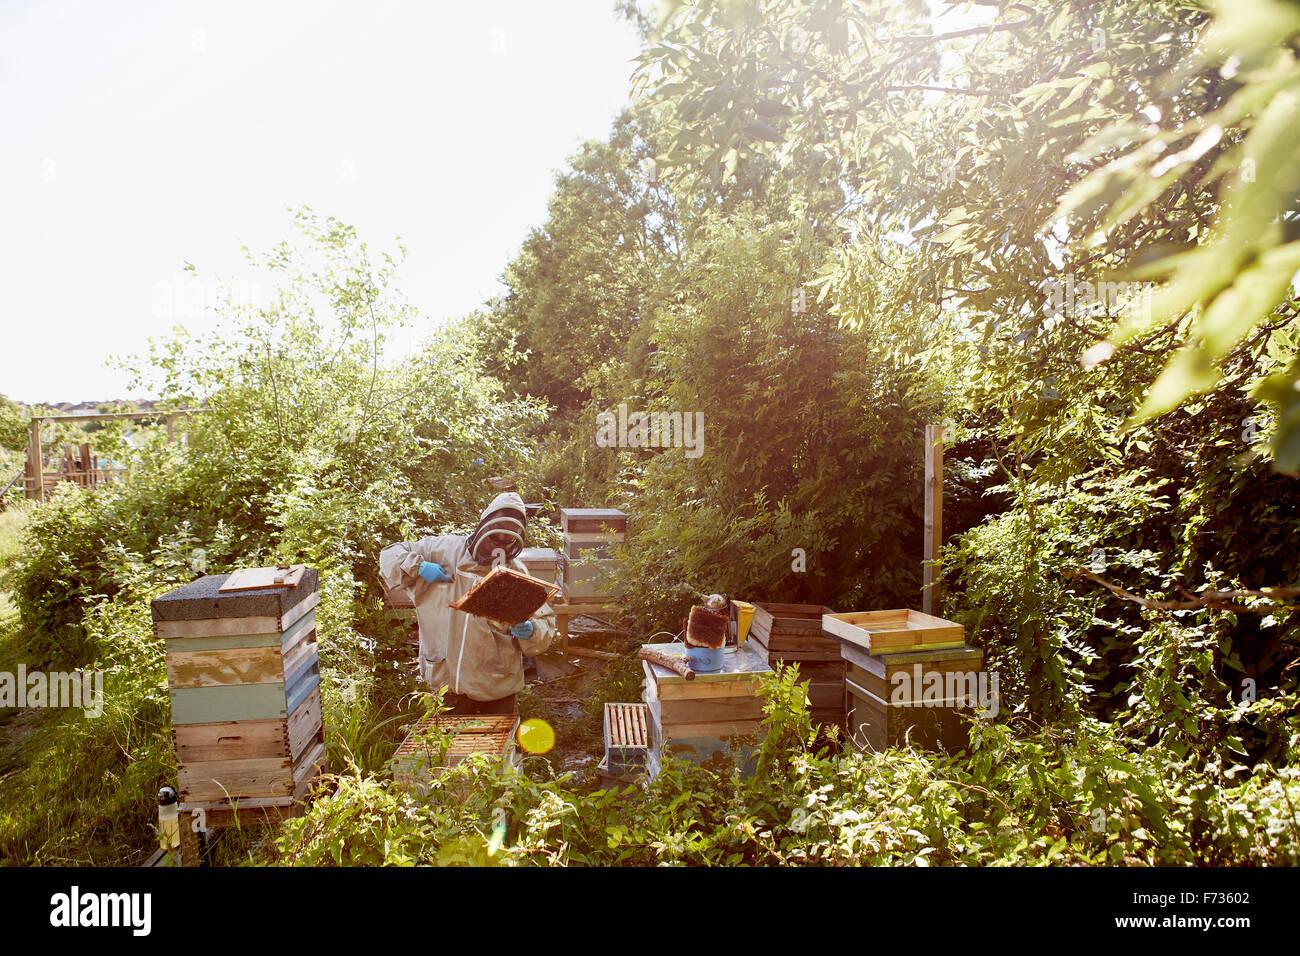 Ein Imker in einem Schutzanzug und Gesicht abdeckt, die Frames in seine Bienenstöcke inspizieren. Stockfoto